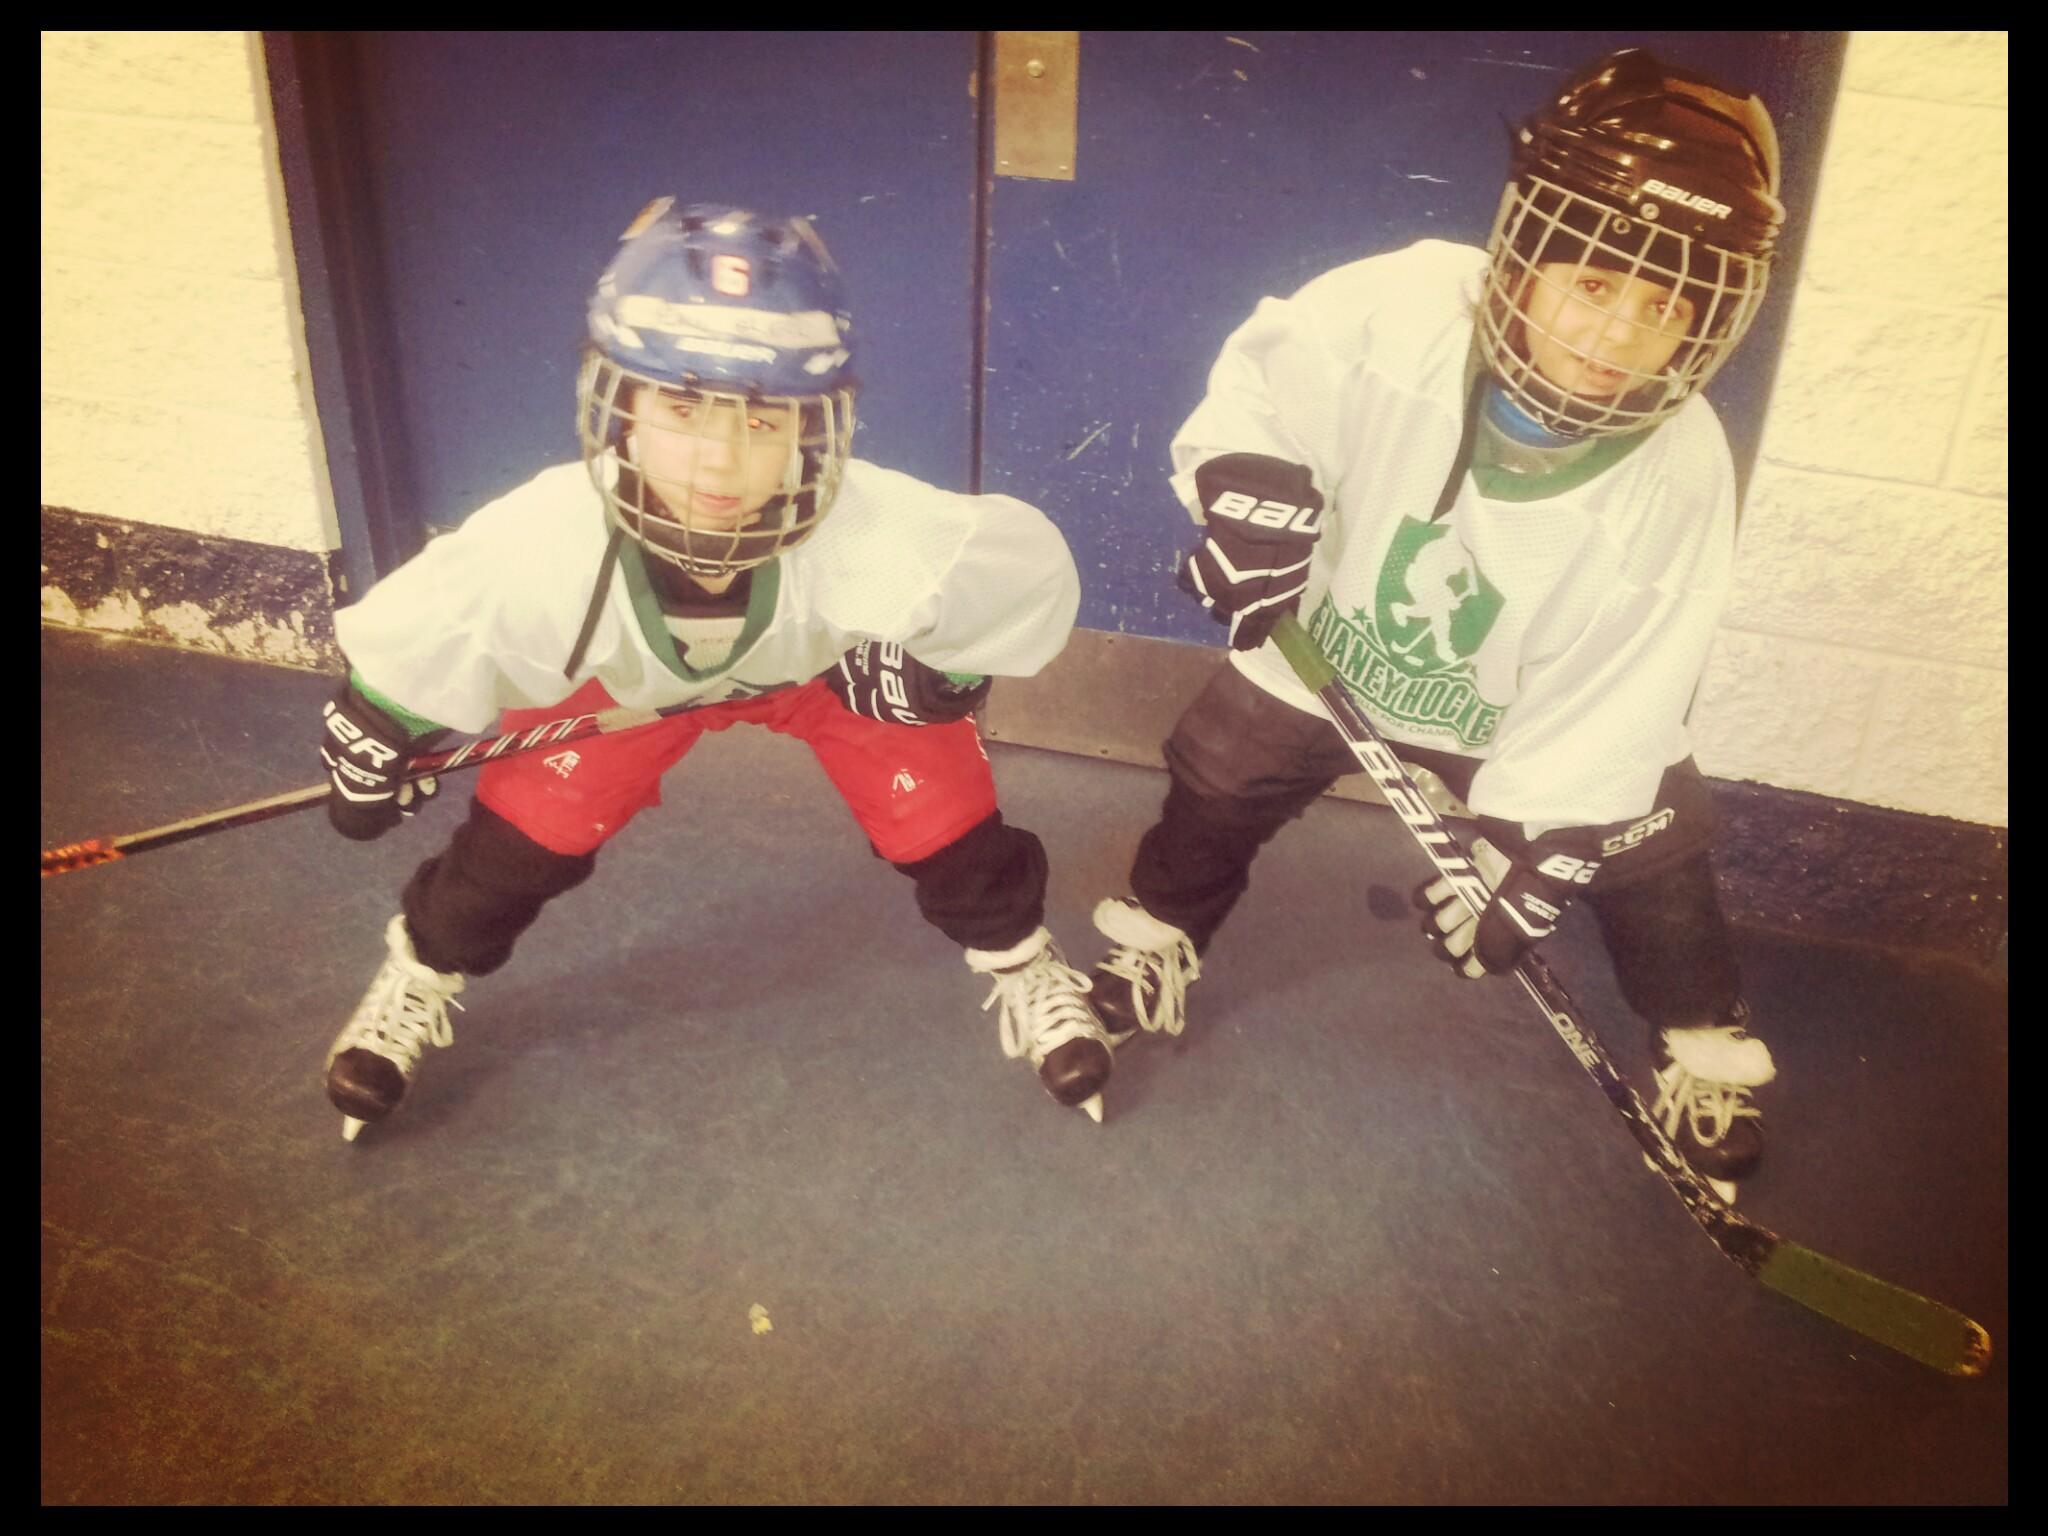 Two small boys in hockey gear.